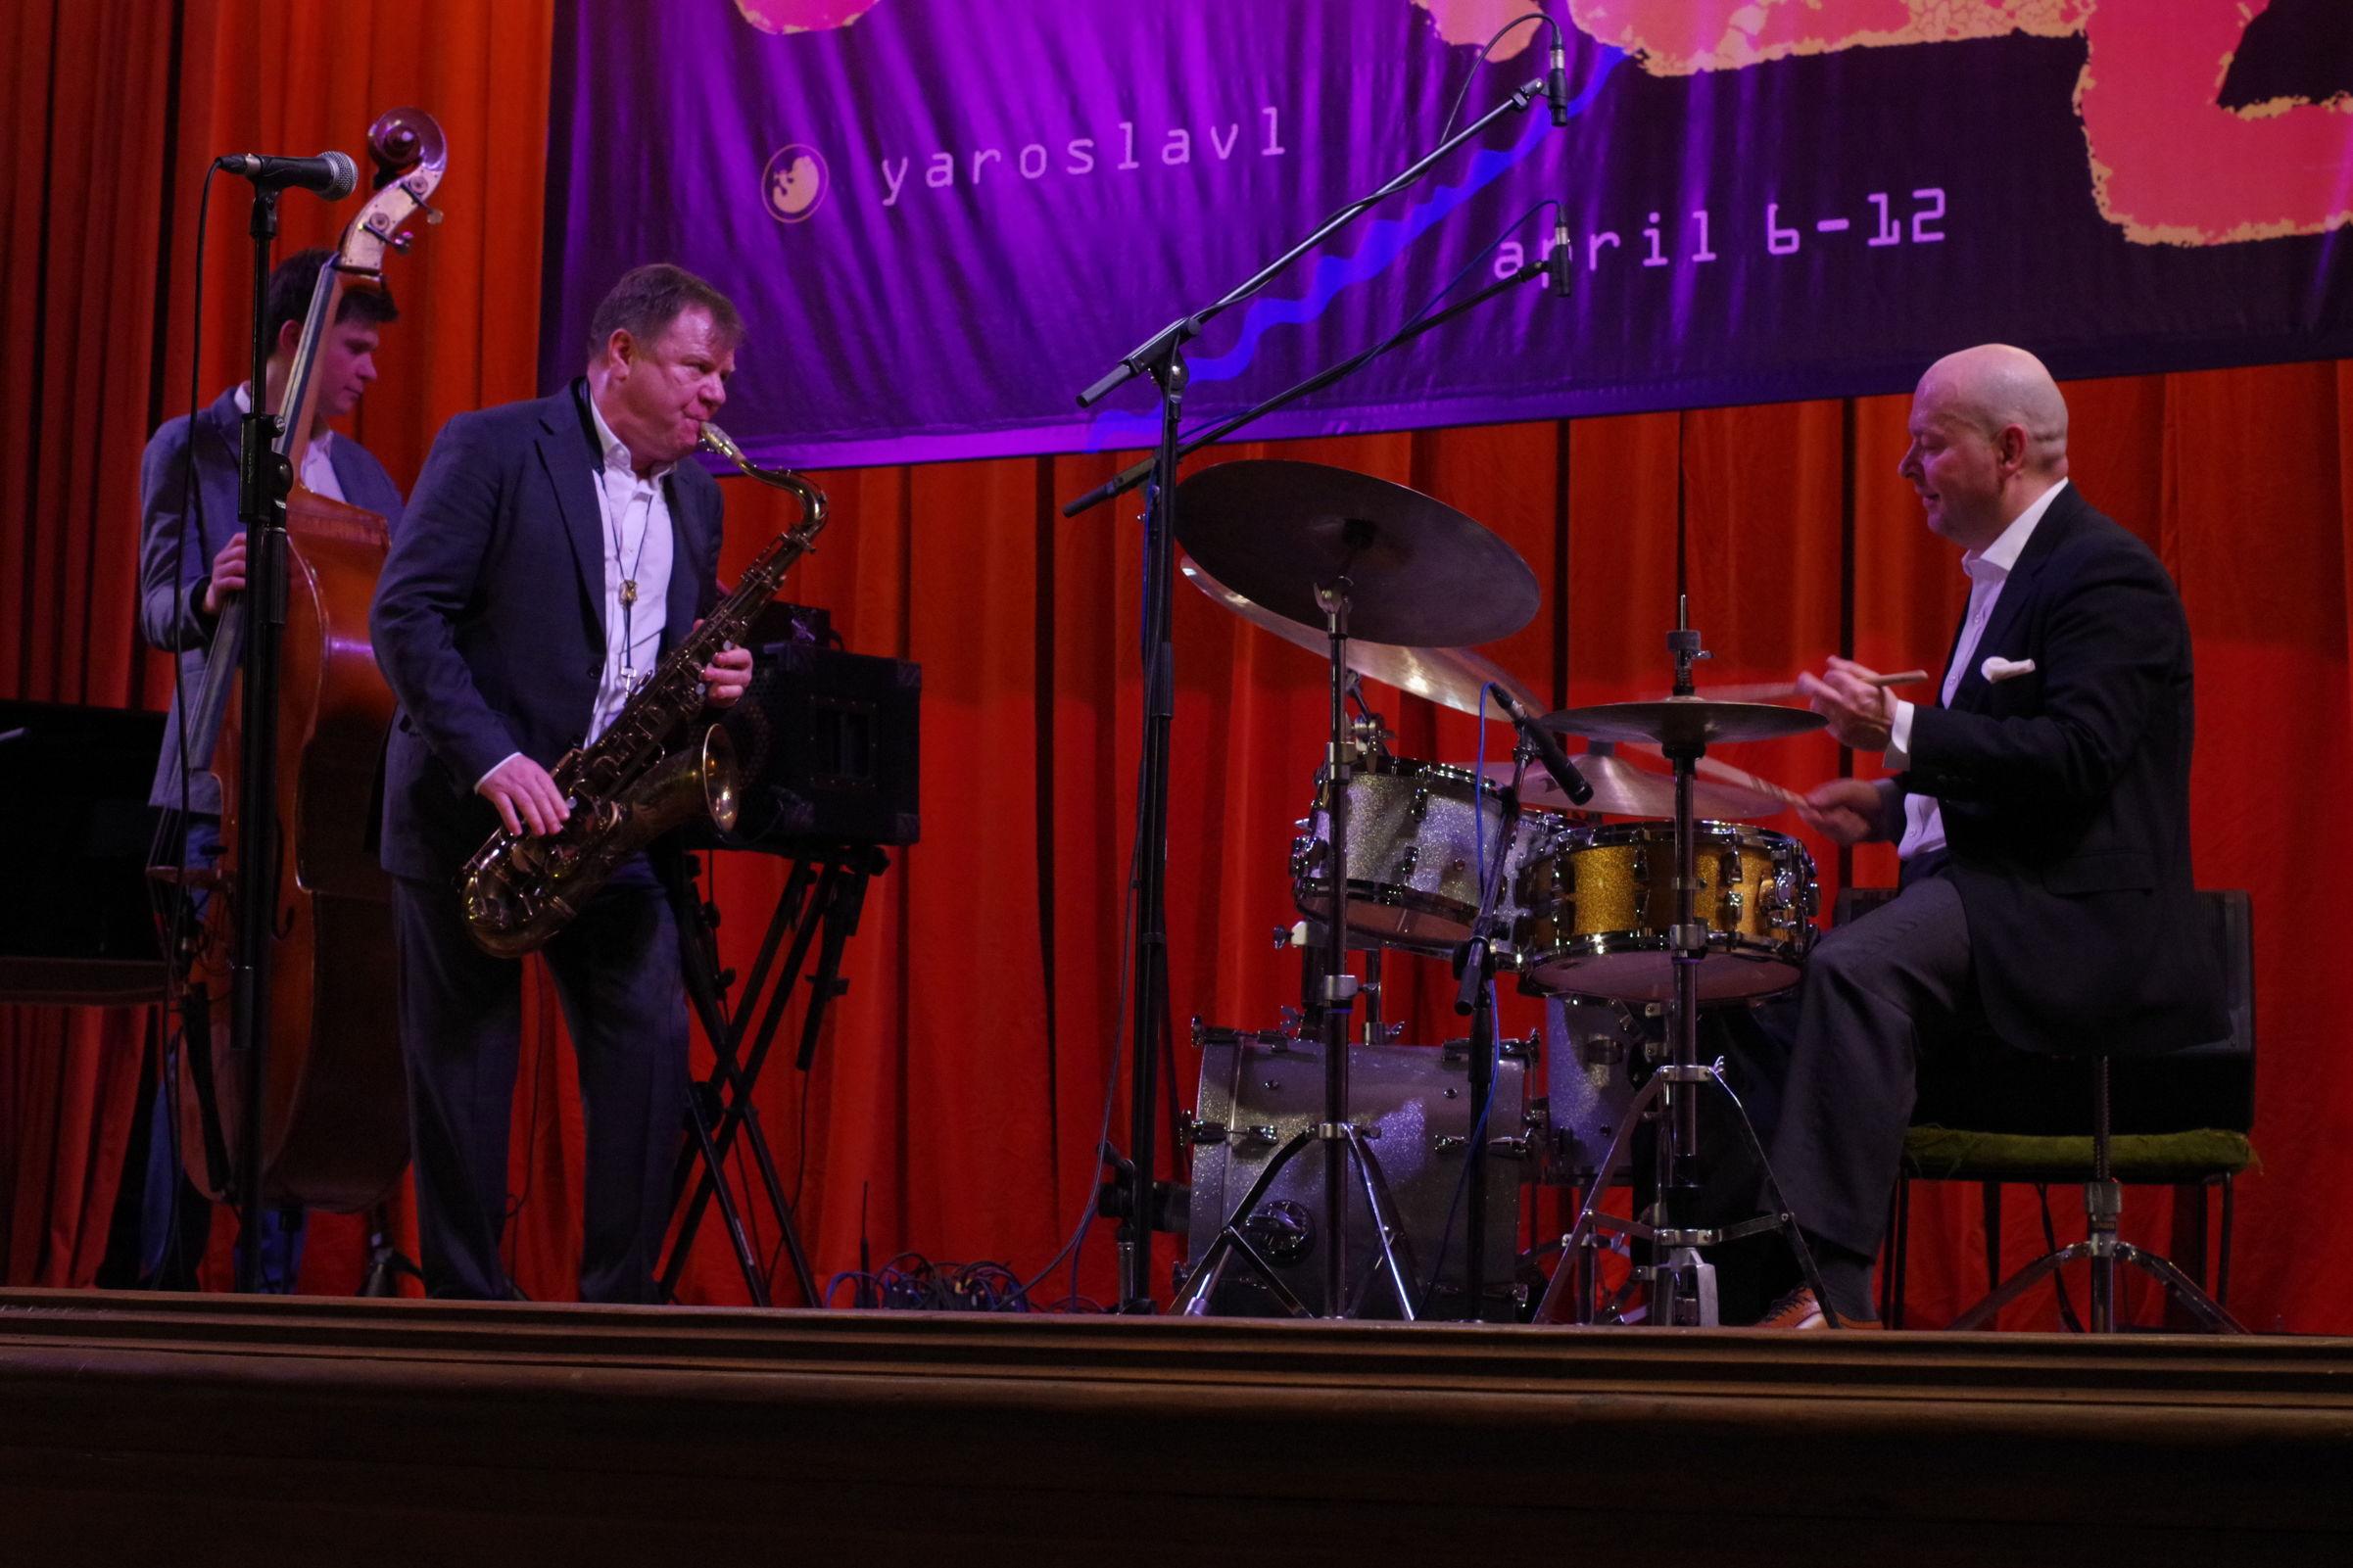 «Джаз над Волгой»: квинтет Игоря Бутмана и поющий пианист Олег Аккуратов завоевали внимание зала